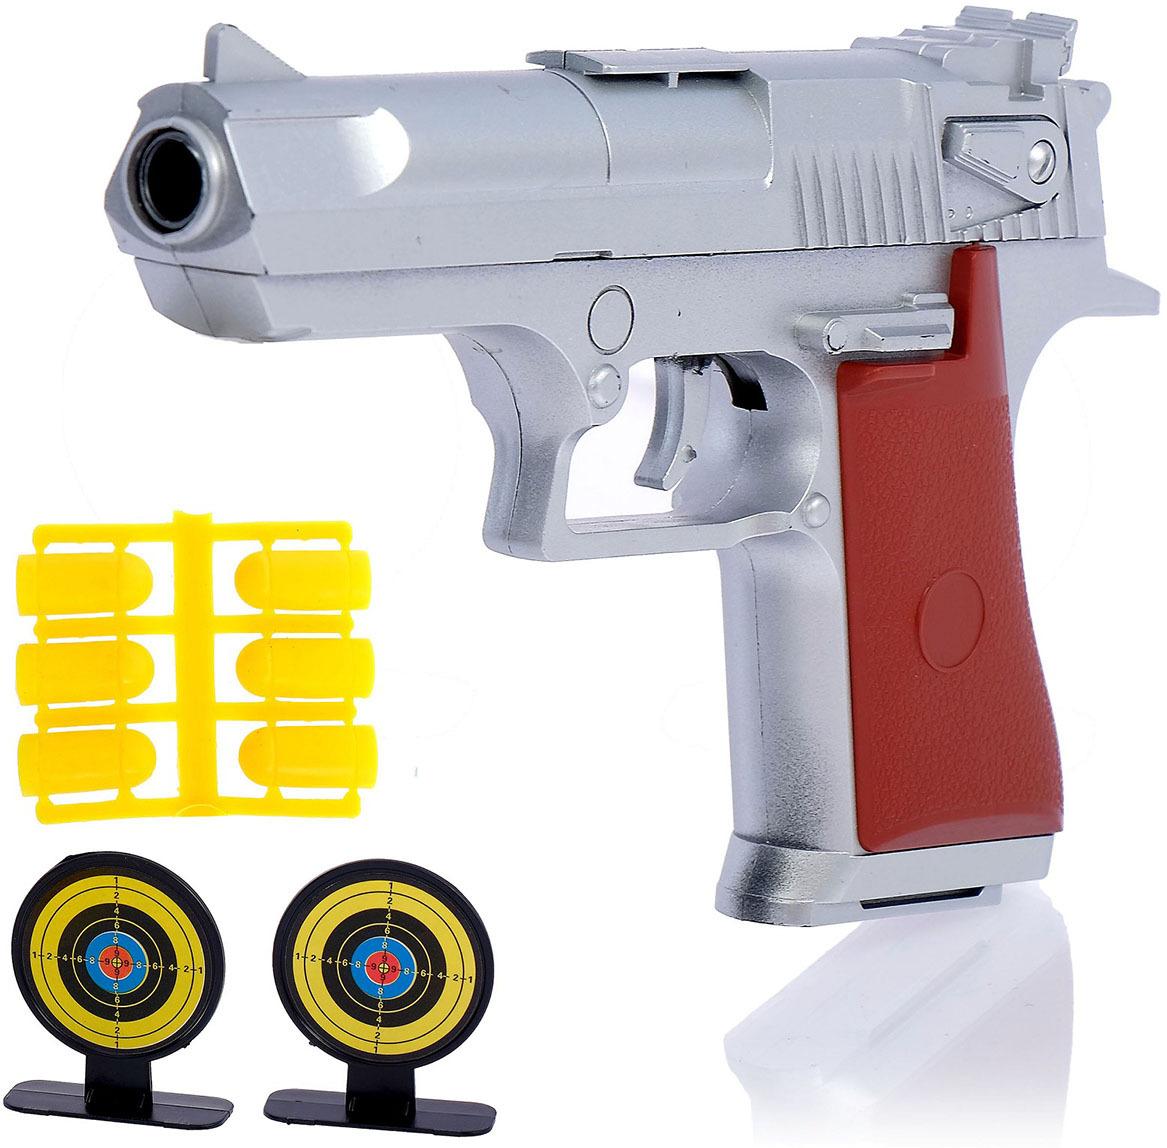 Игрушечное оружие Пистолет Сильвер с мишенями, 119198 игрушечное оружие zuru x shot ружье с мишенями атака пауков